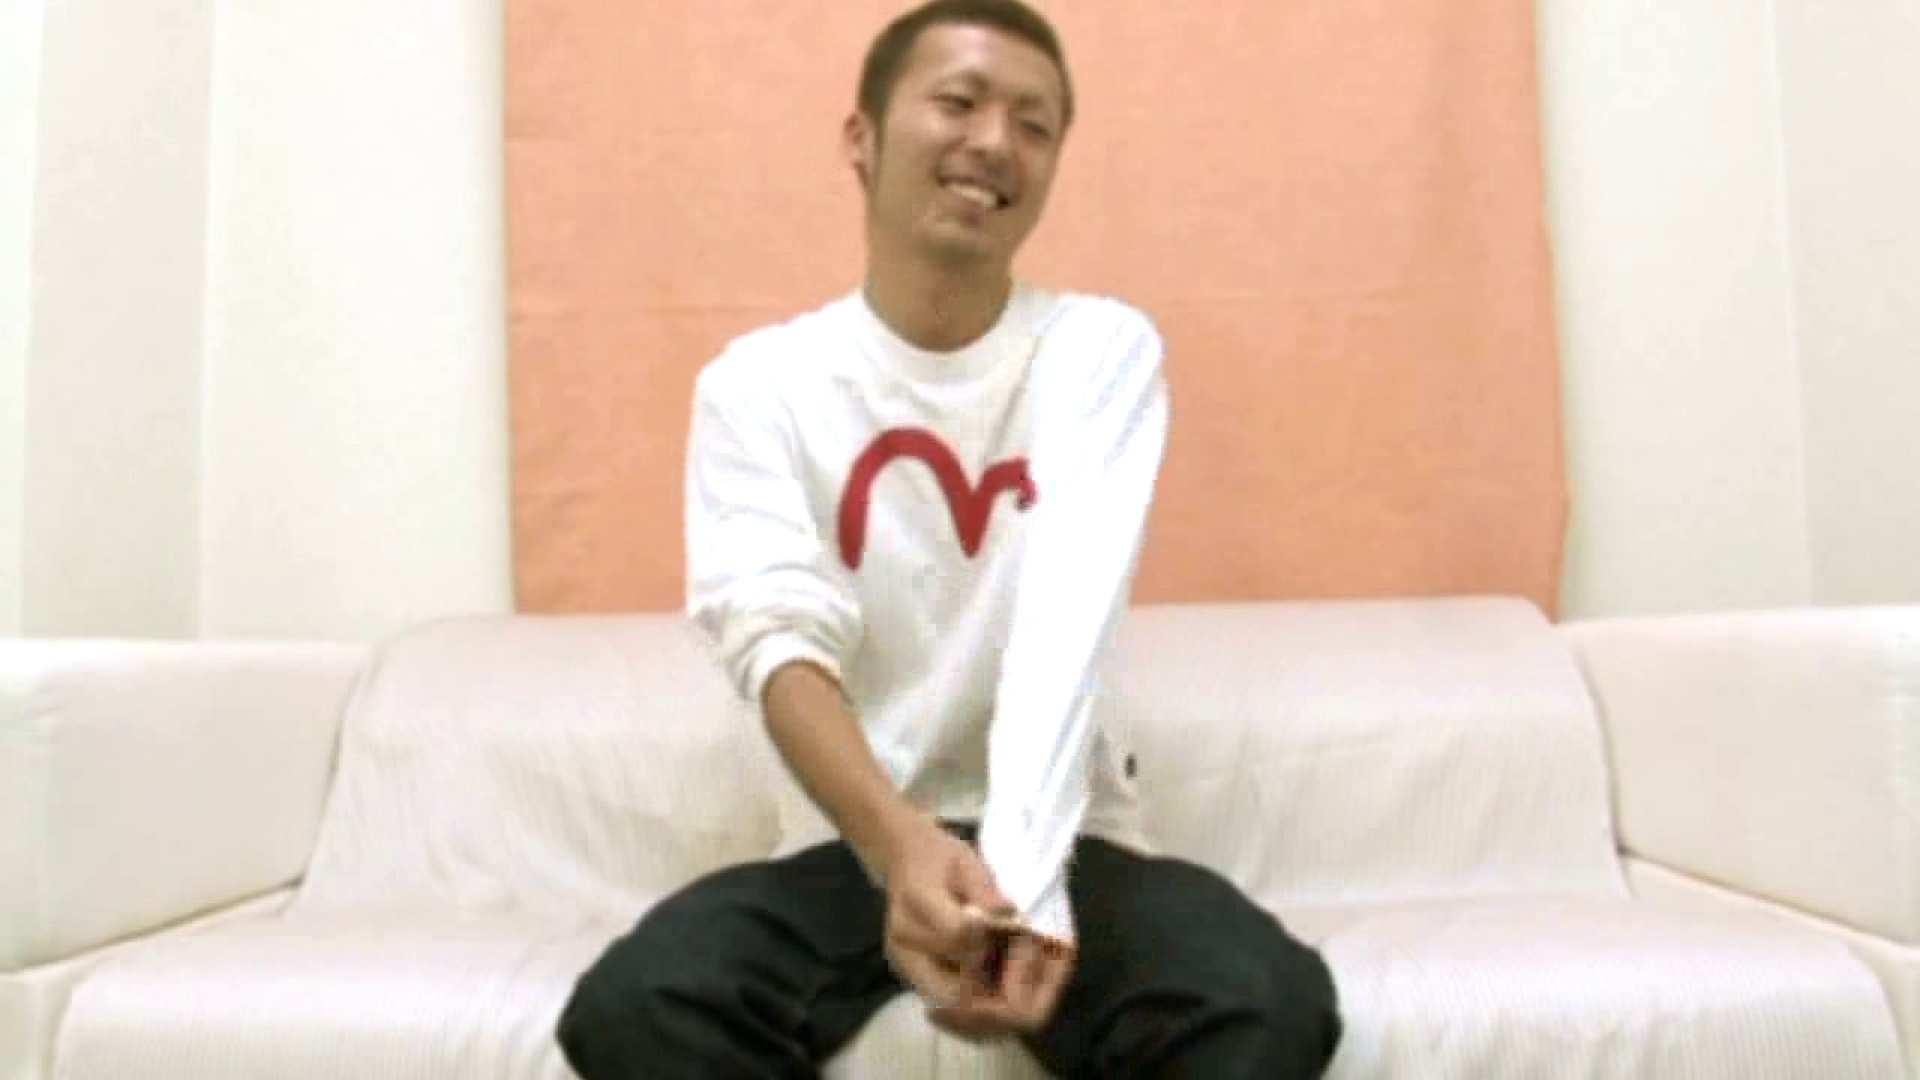 ノンケ!自慰スタジオ No.11 裸の男たち ゲイエロ画像 110枚 53